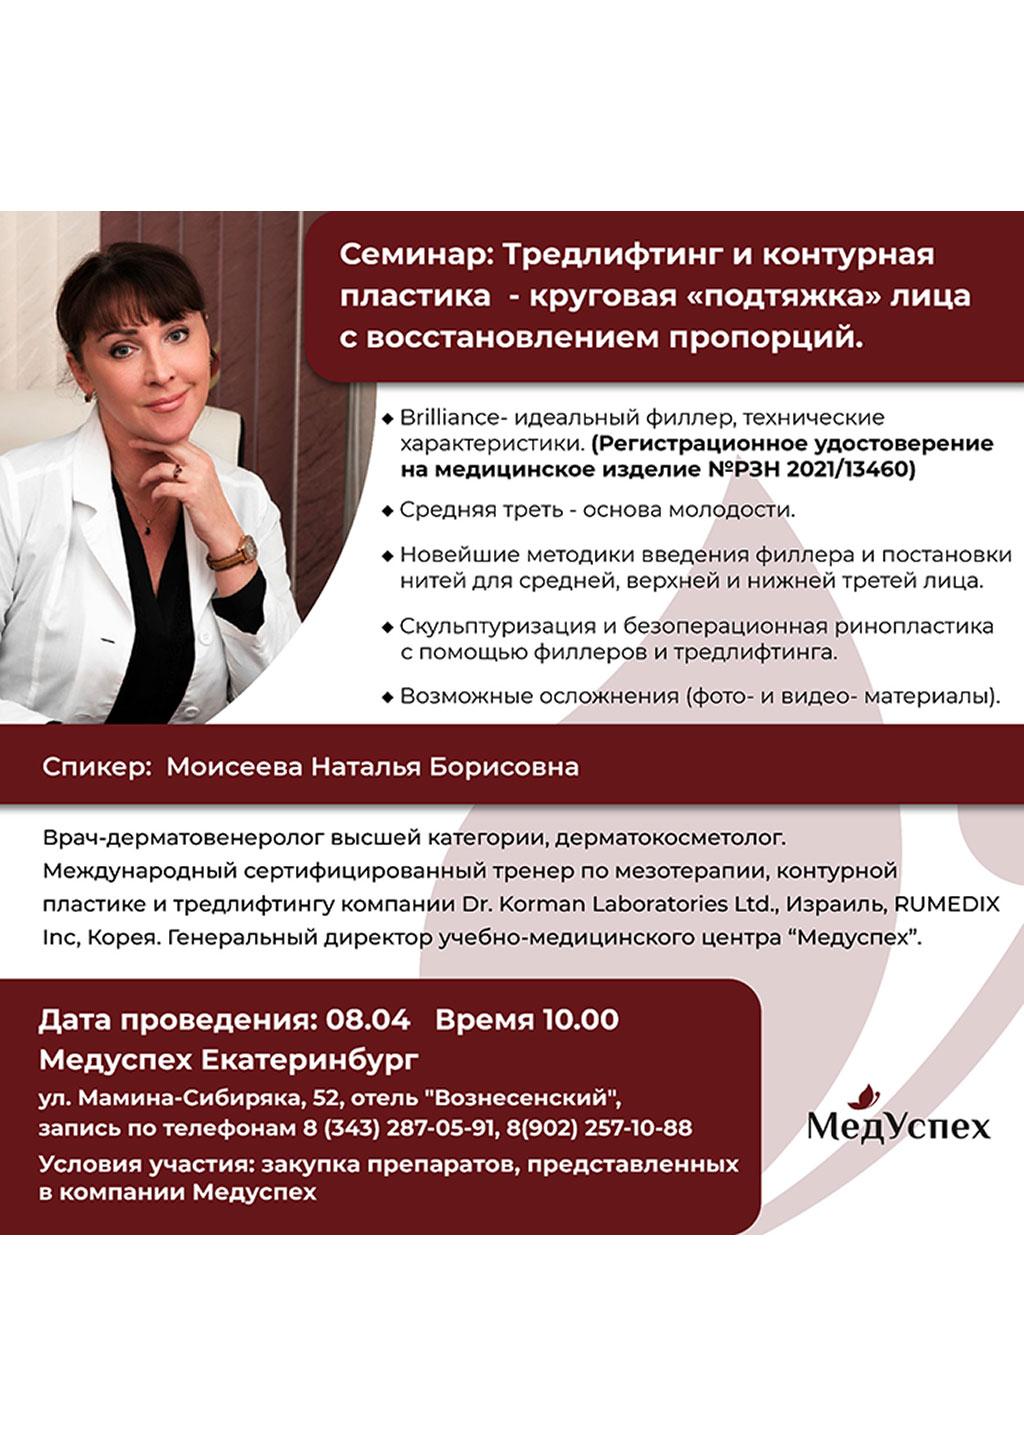 8 апреля в Екатеринбурге состоится семинар Тредлифтинг и контурная пластика - круговая подтяжка лица с восстановлением пропорций